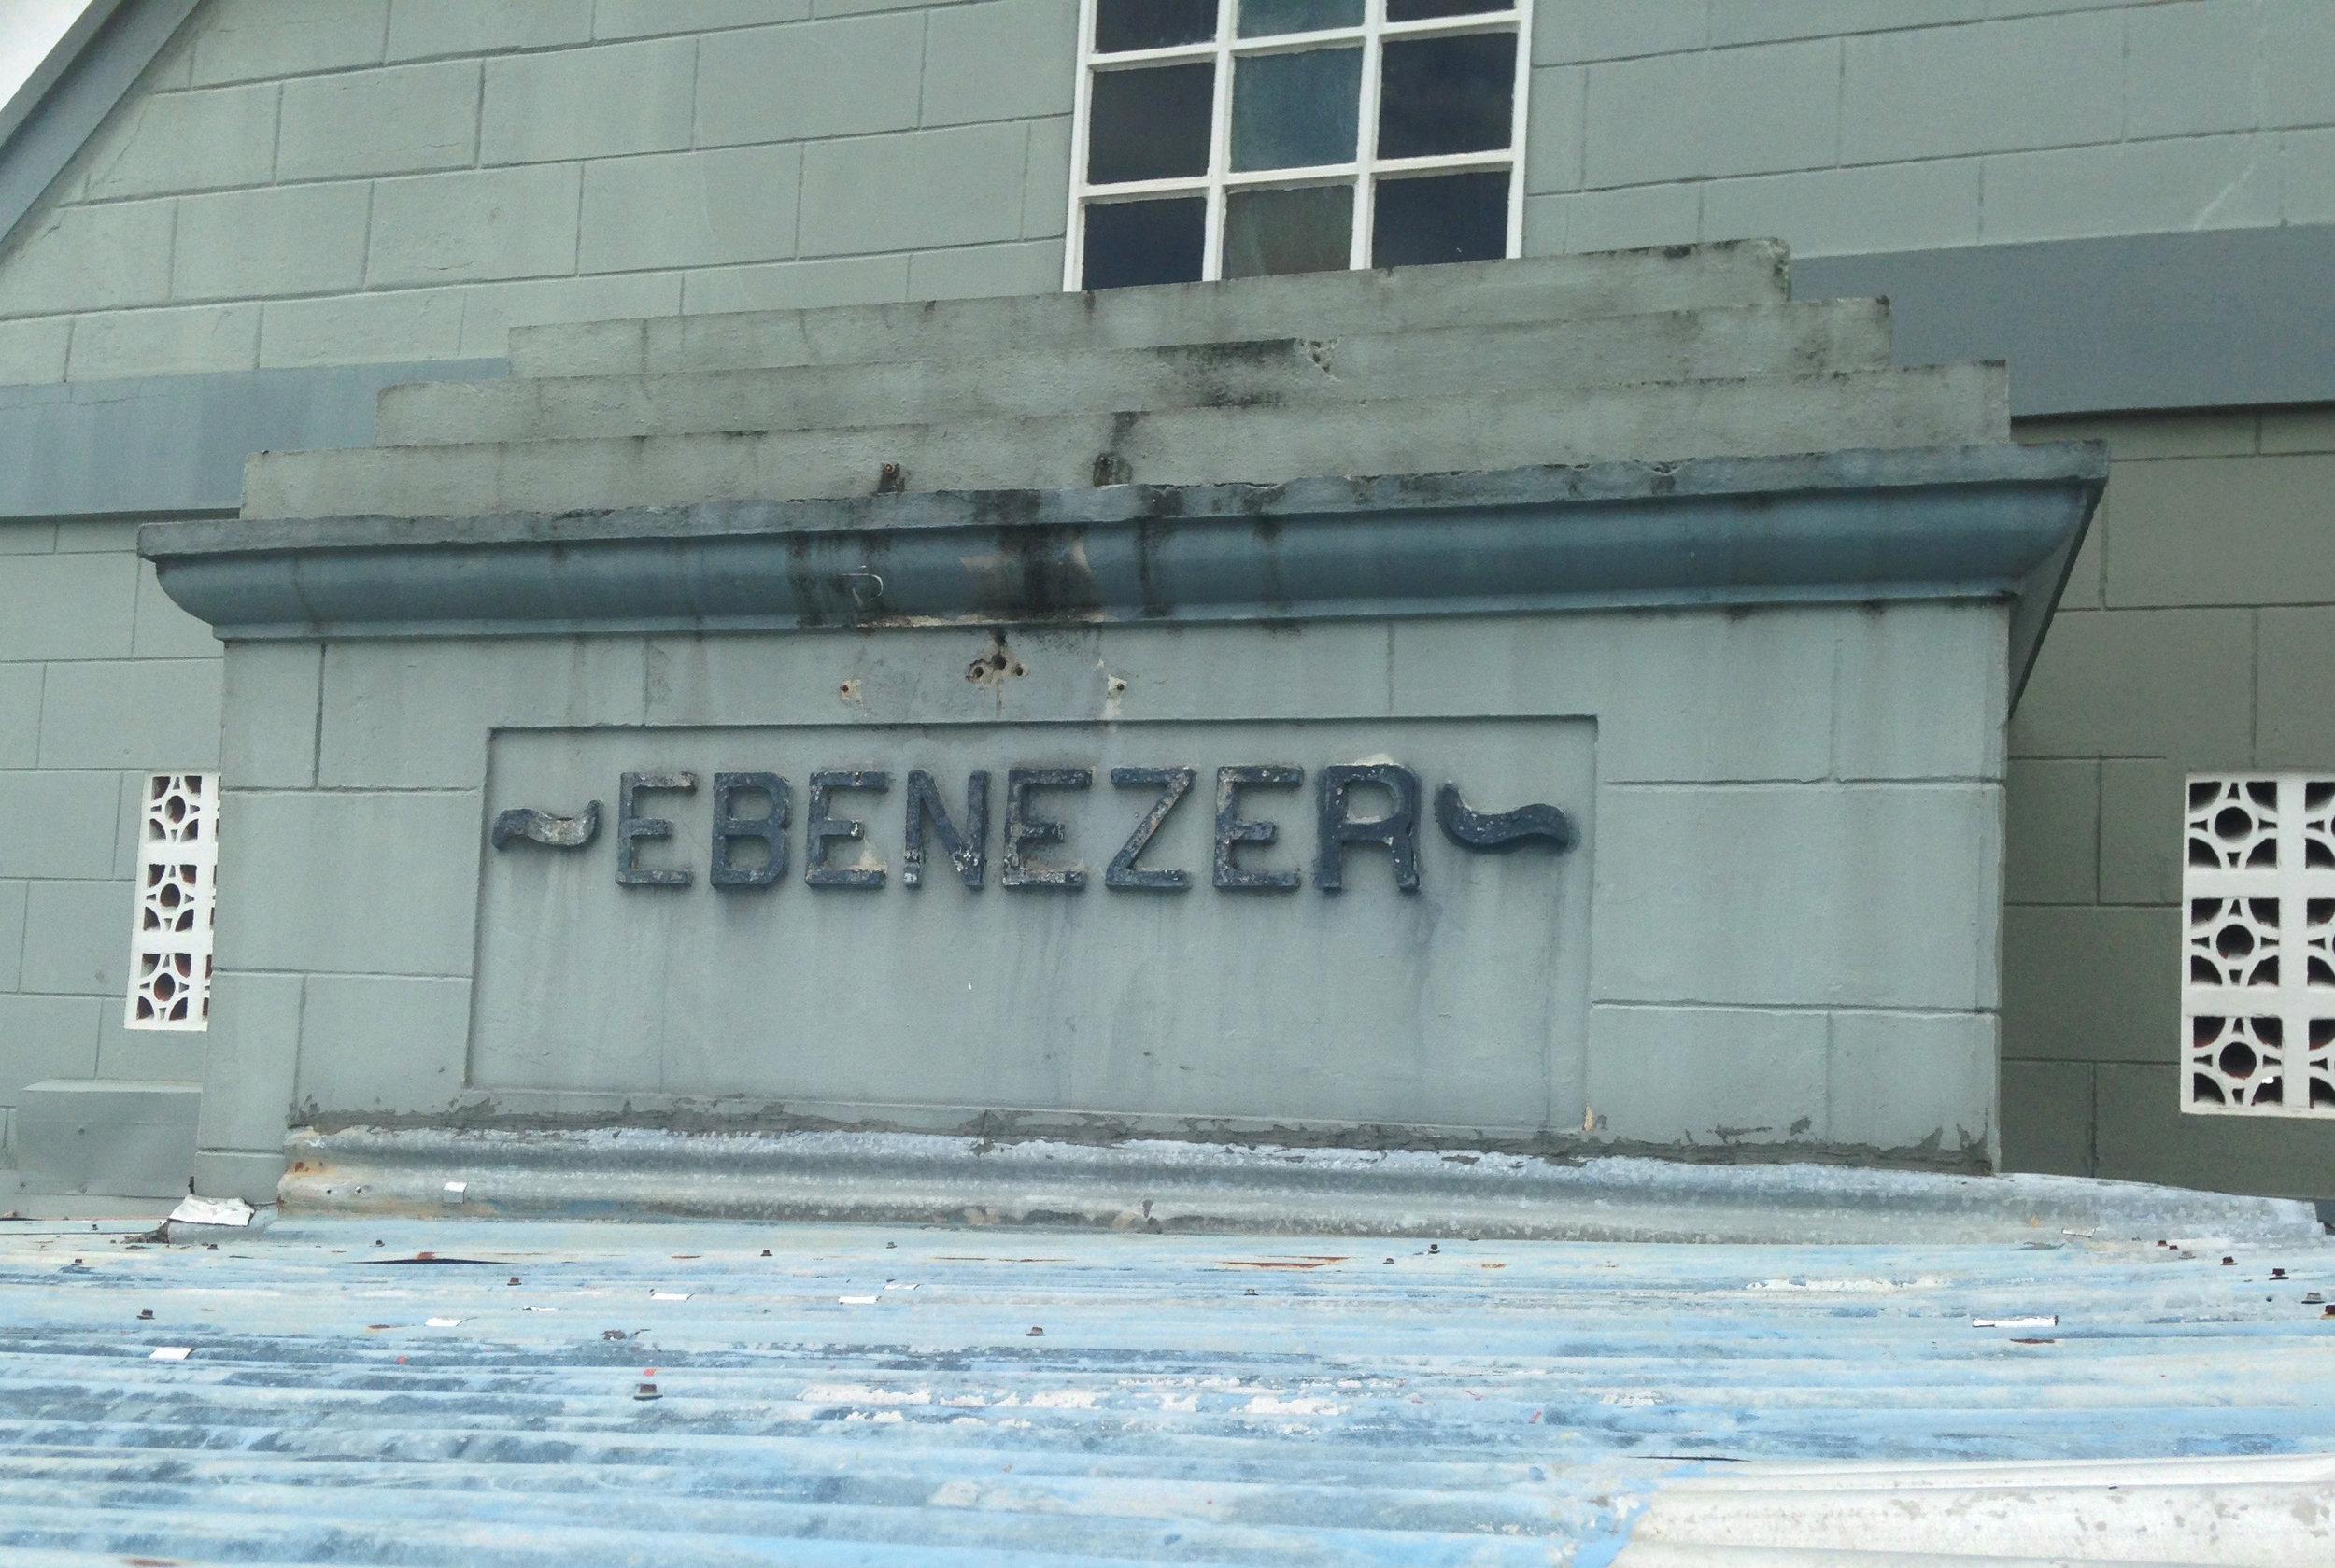 Ebenezer.jpg